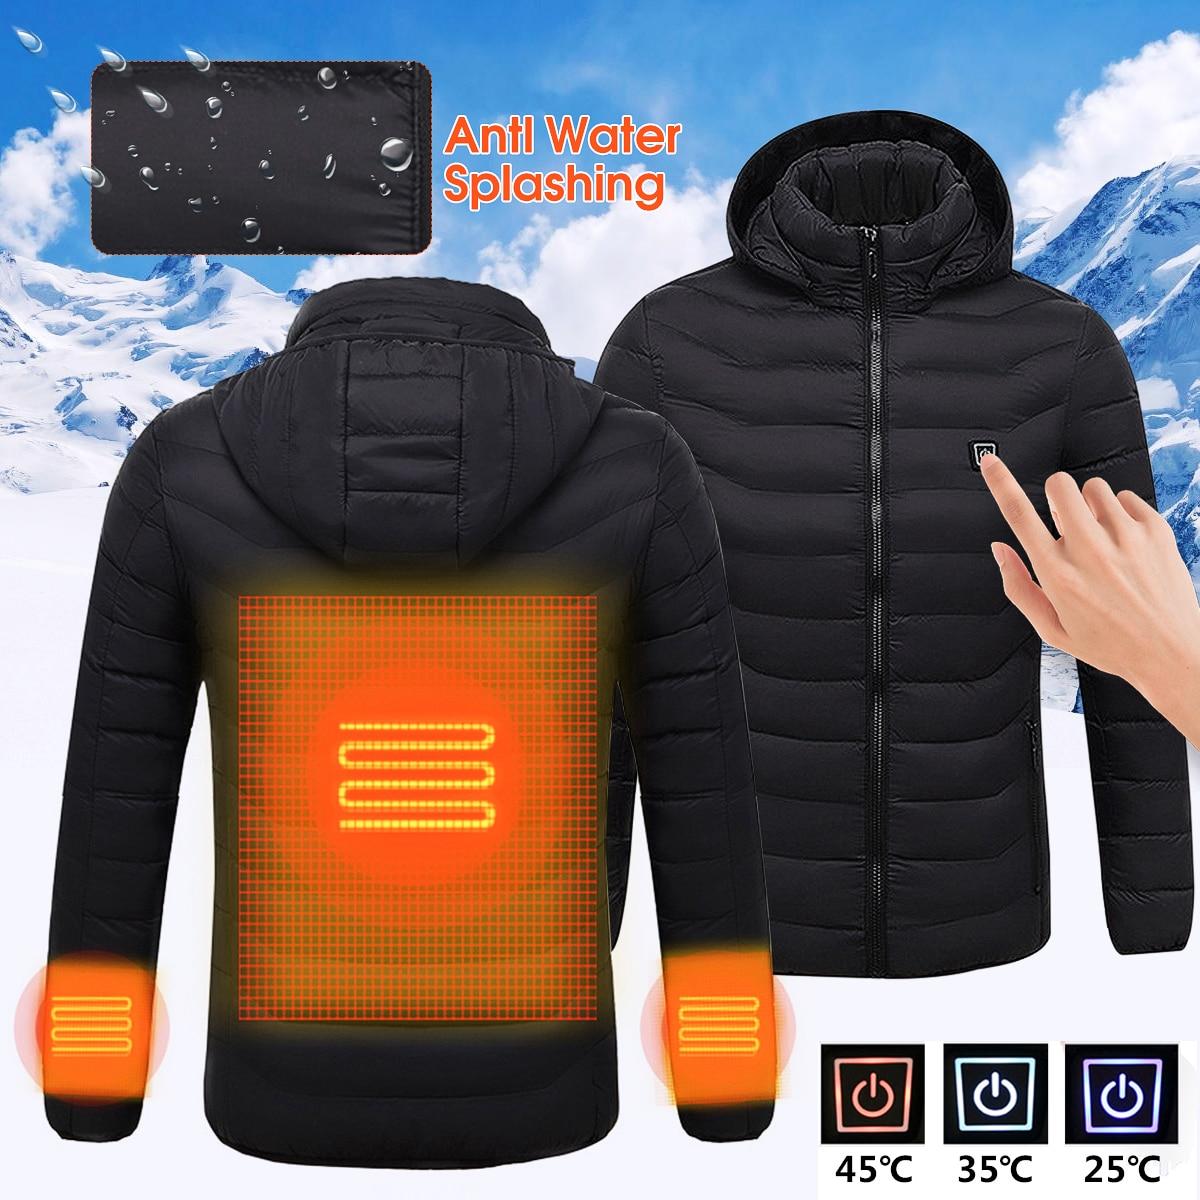 Herren Winter Beheizte USB Mit Kapuze Arbeit Jacke Mäntel Einstellbare Temperatur Control Sicherheit Kleidung